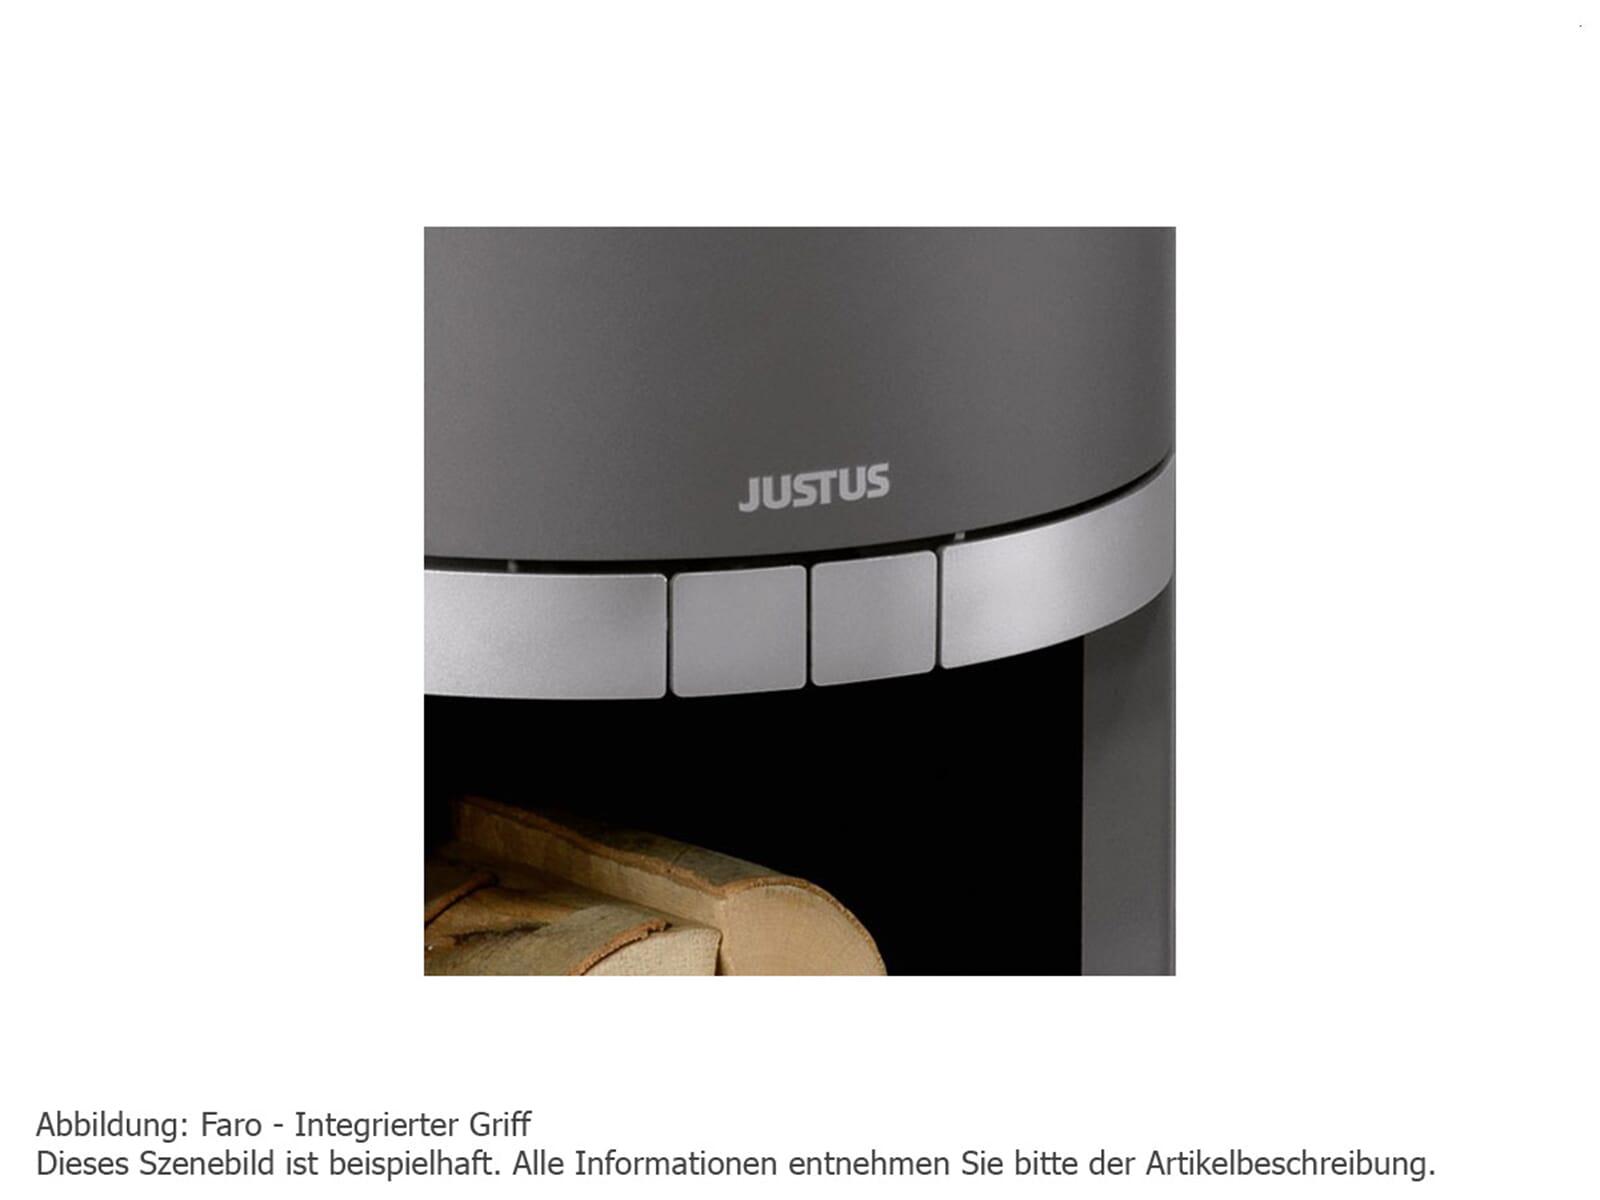 Justus Faro 4686 32 Kaminofen Stahl Schwarz mit Abdeckplatte Sandstein